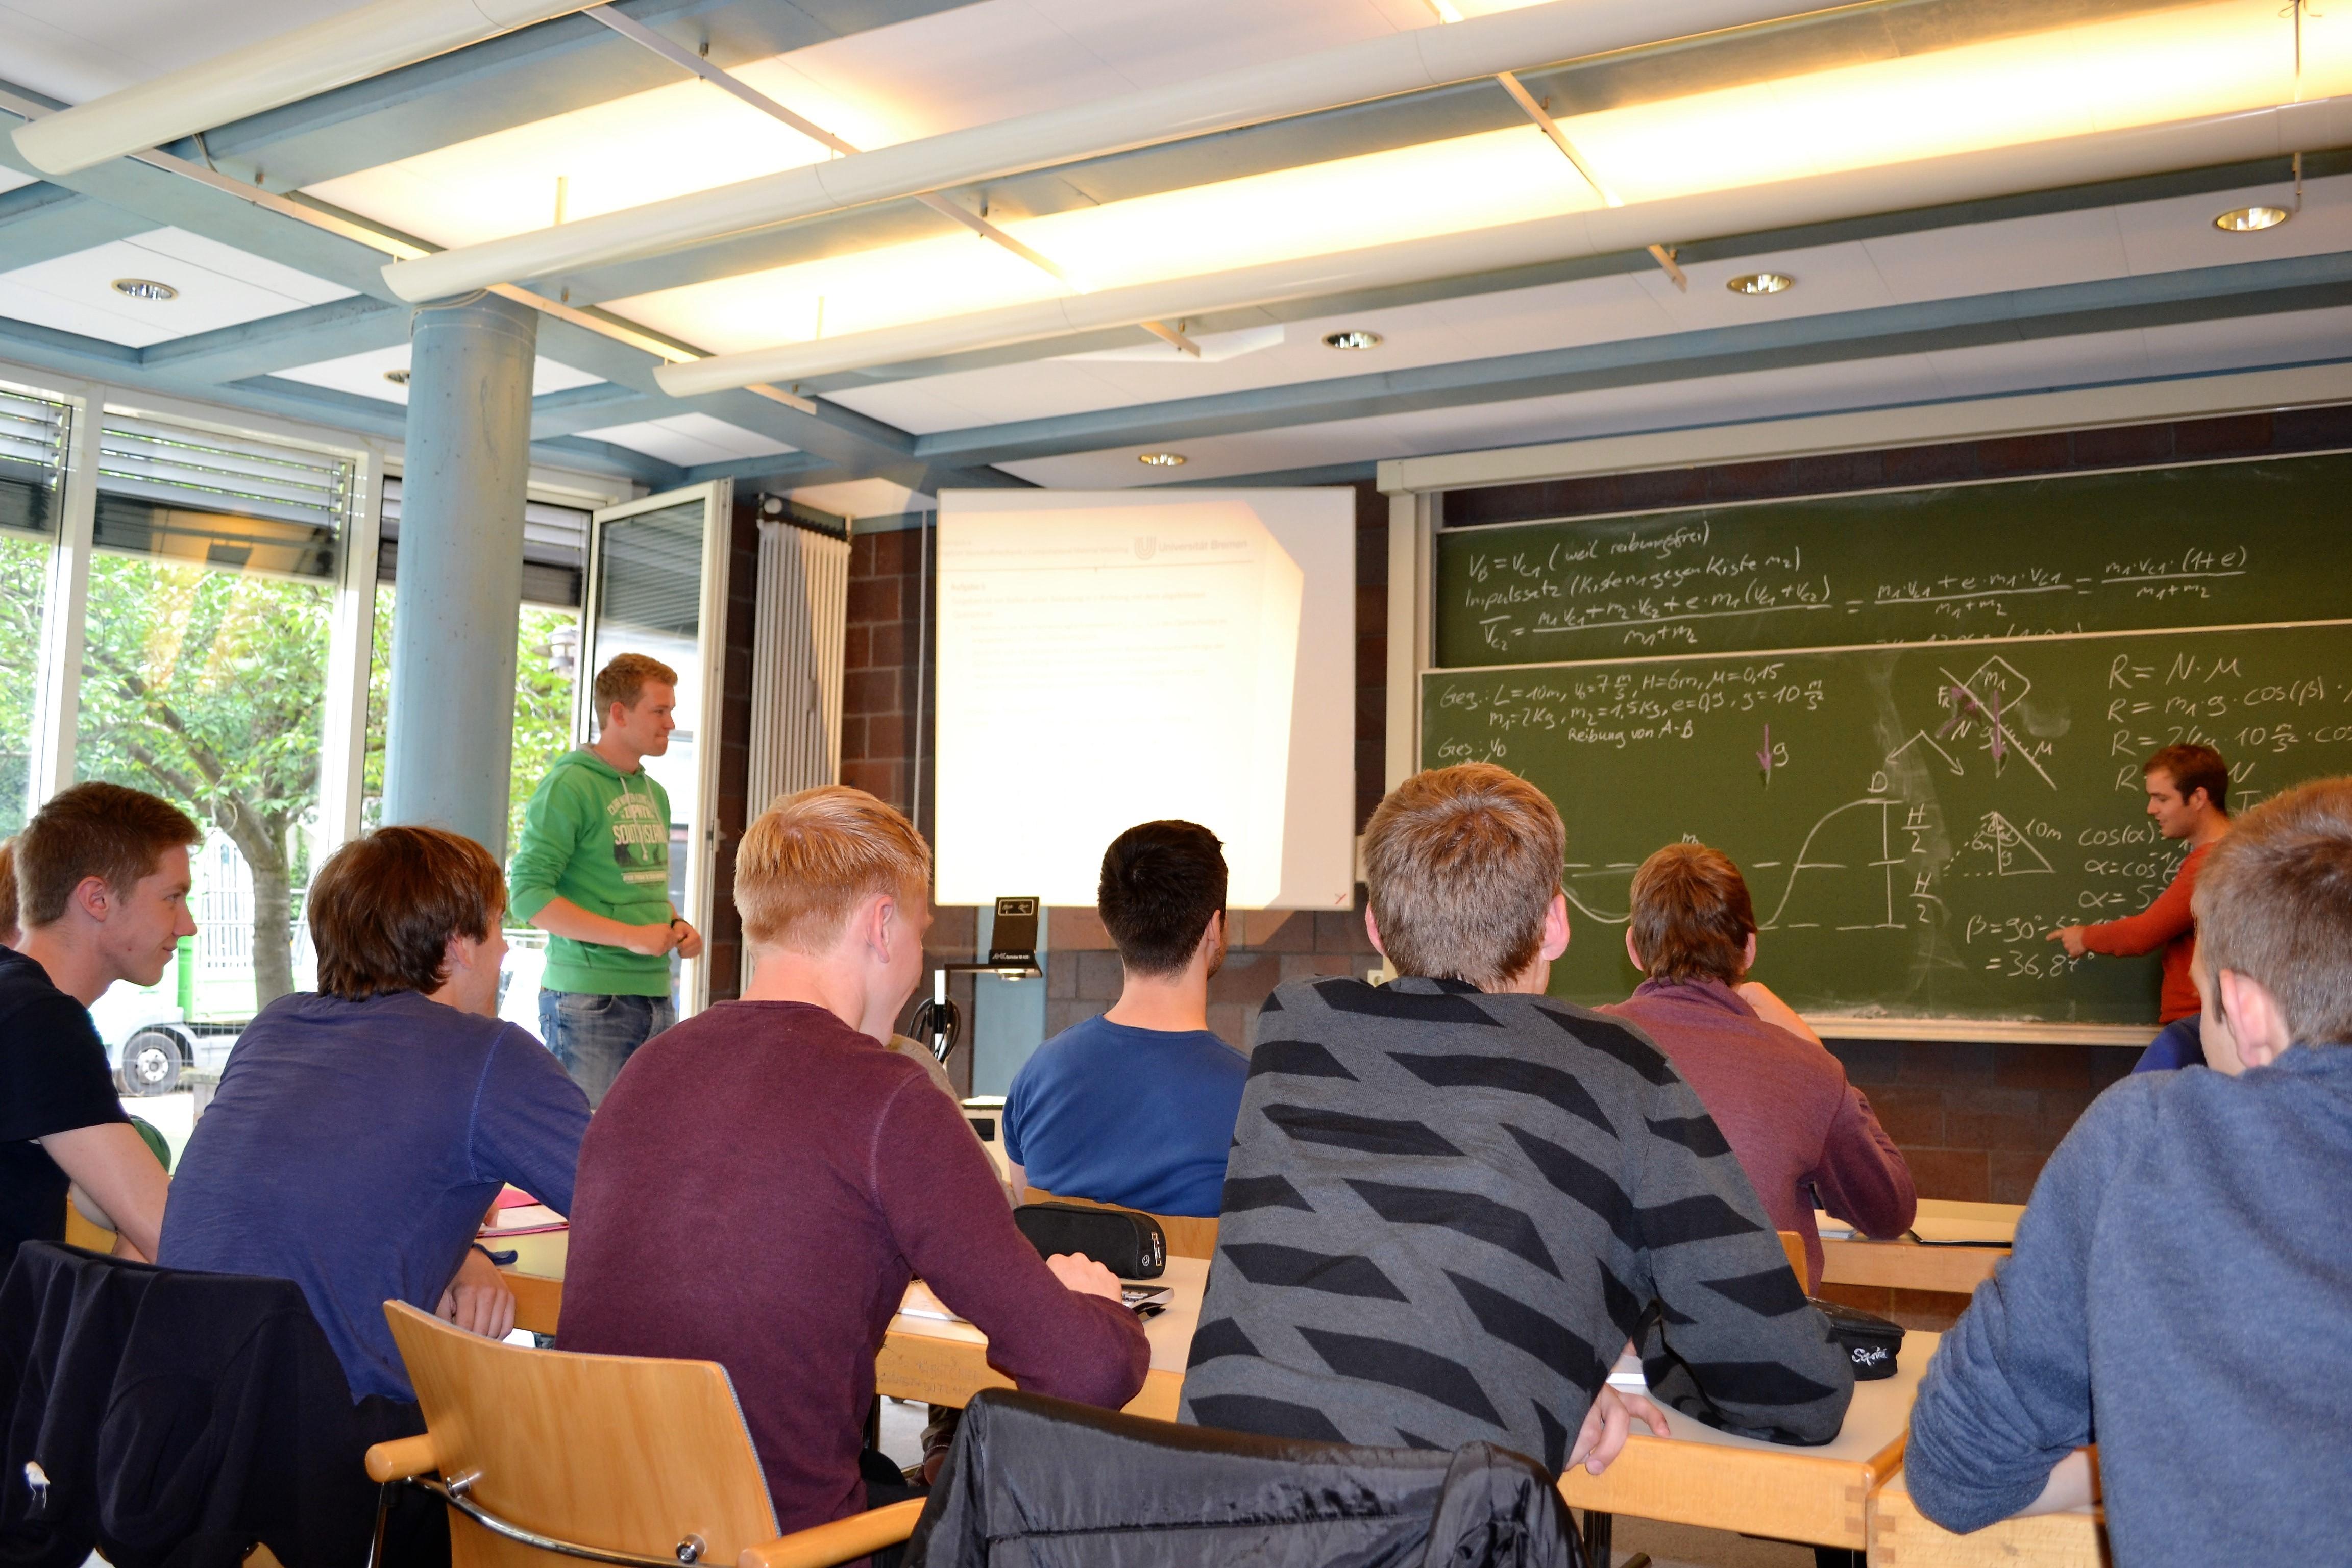 Abbildung 2: Mechanikwiederholung in der zweifachbetreuten Lerngruppe mit Georg und Johannes als Lerngruppenleiter